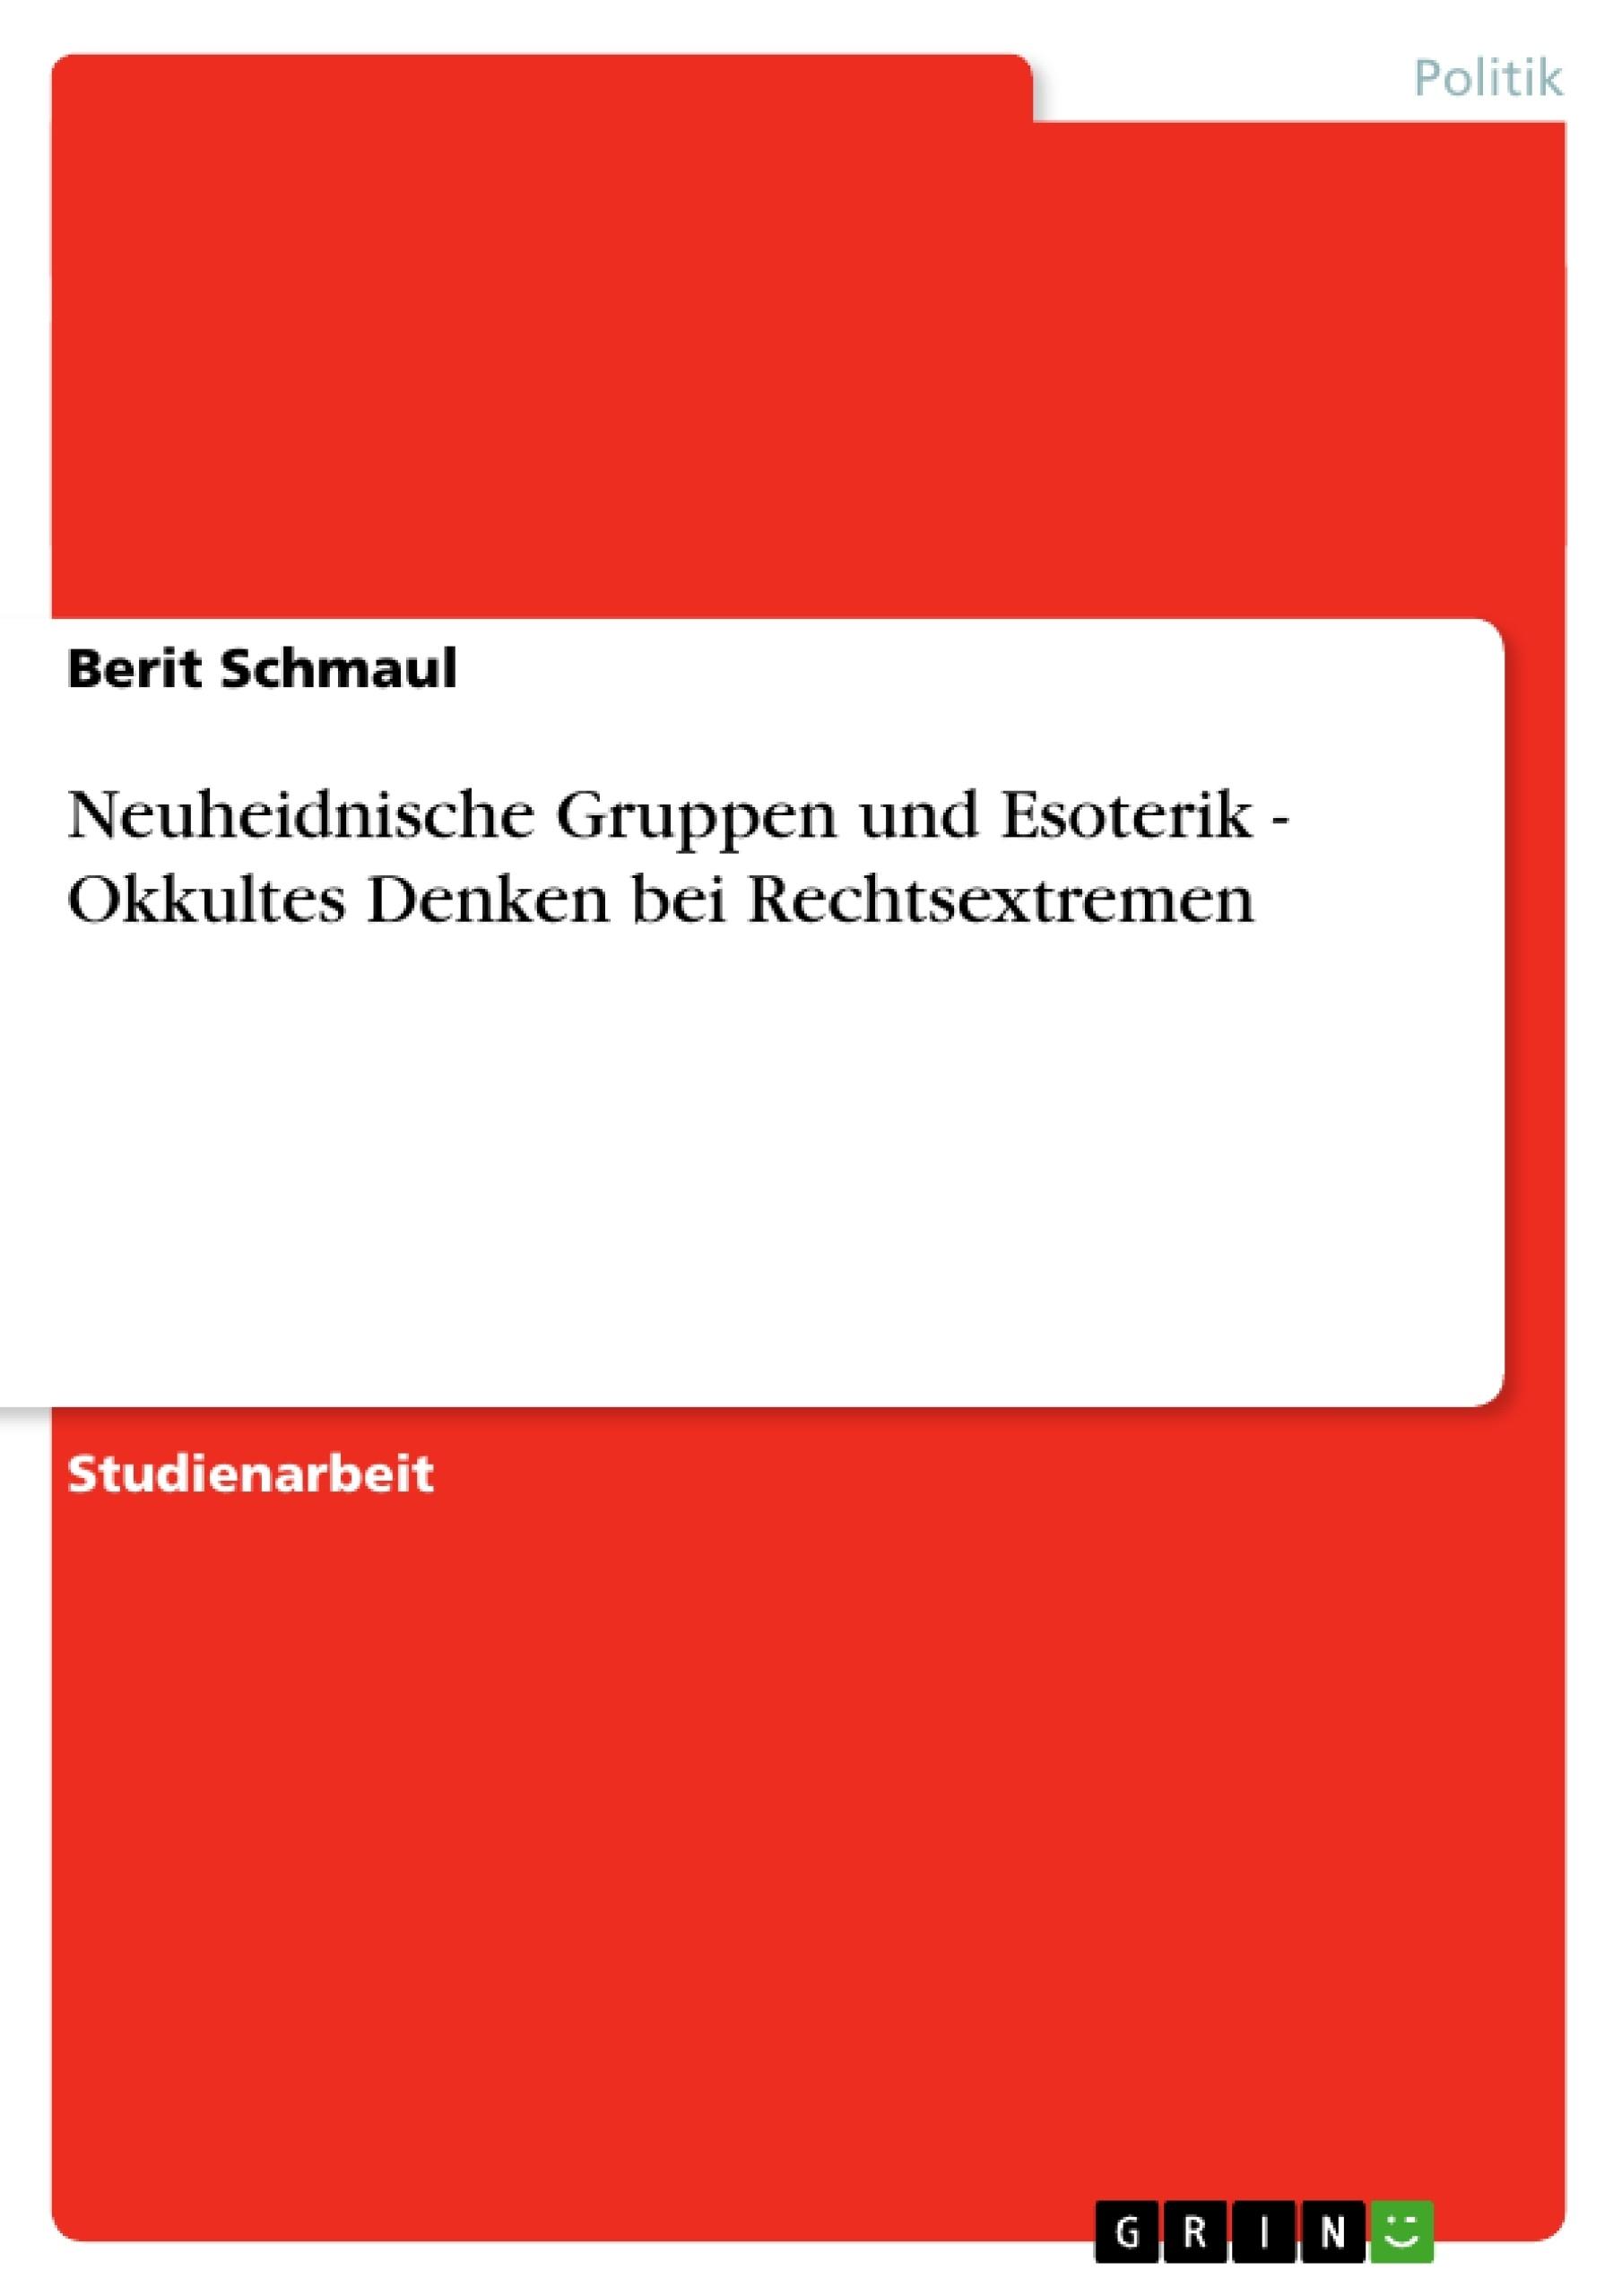 Titel: Neuheidnische Gruppen und Esoterik - Okkultes Denken bei Rechtsextremen